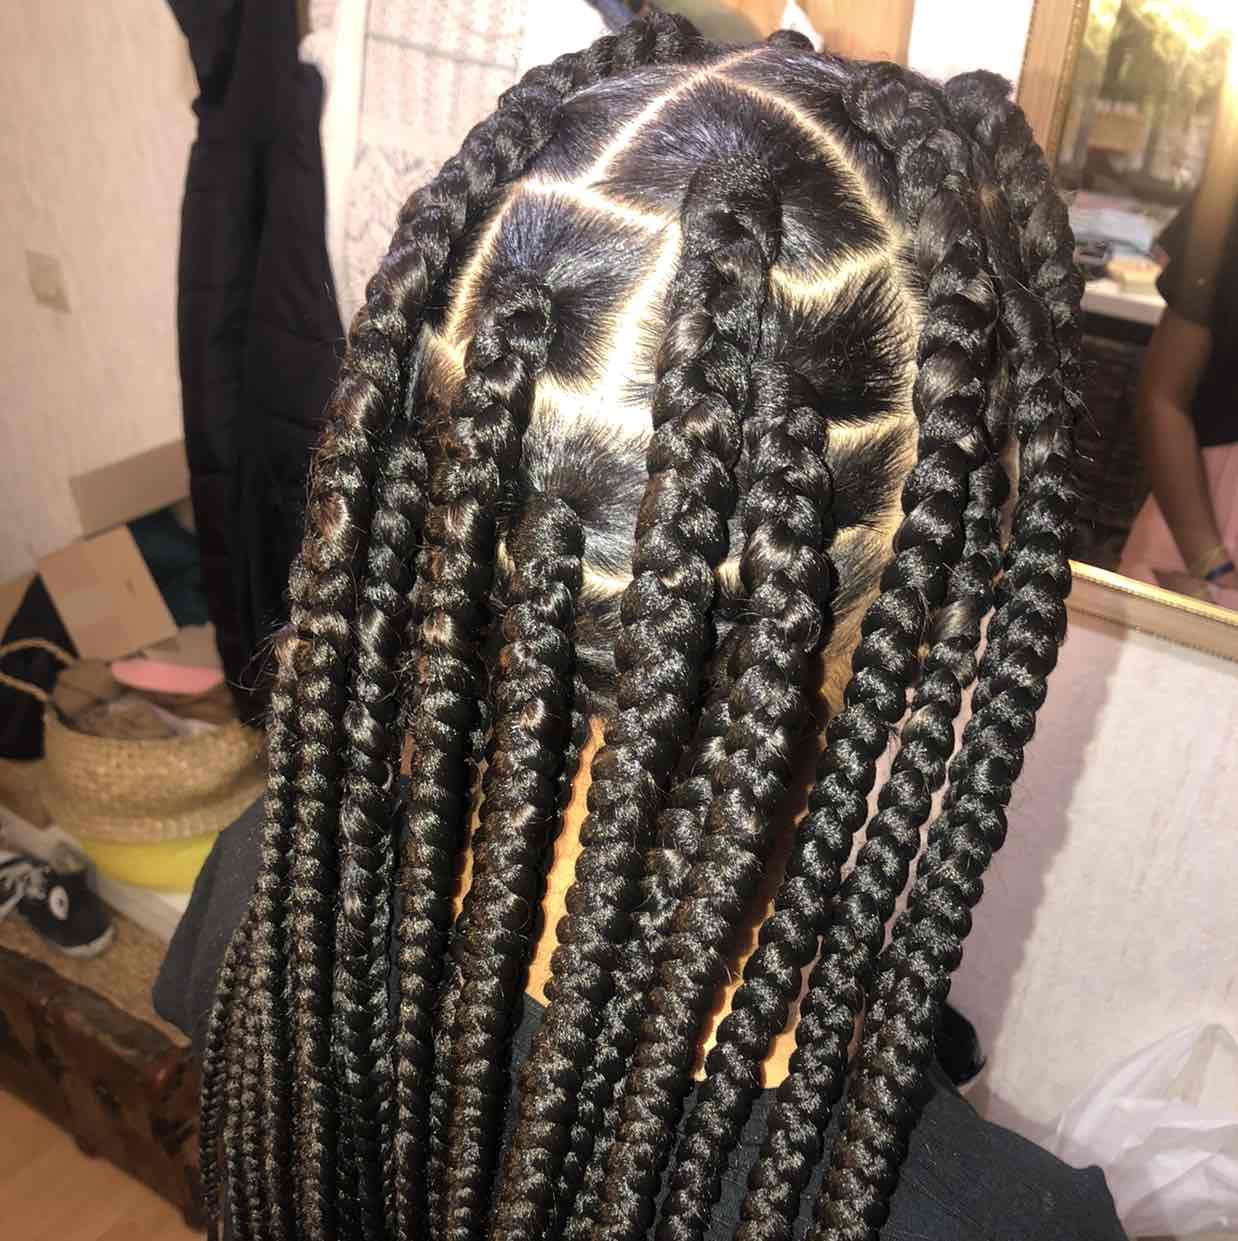 salon de coiffure afro tresse tresses box braids crochet braids vanilles tissages paris 75 77 78 91 92 93 94 95 IQKJGQDX